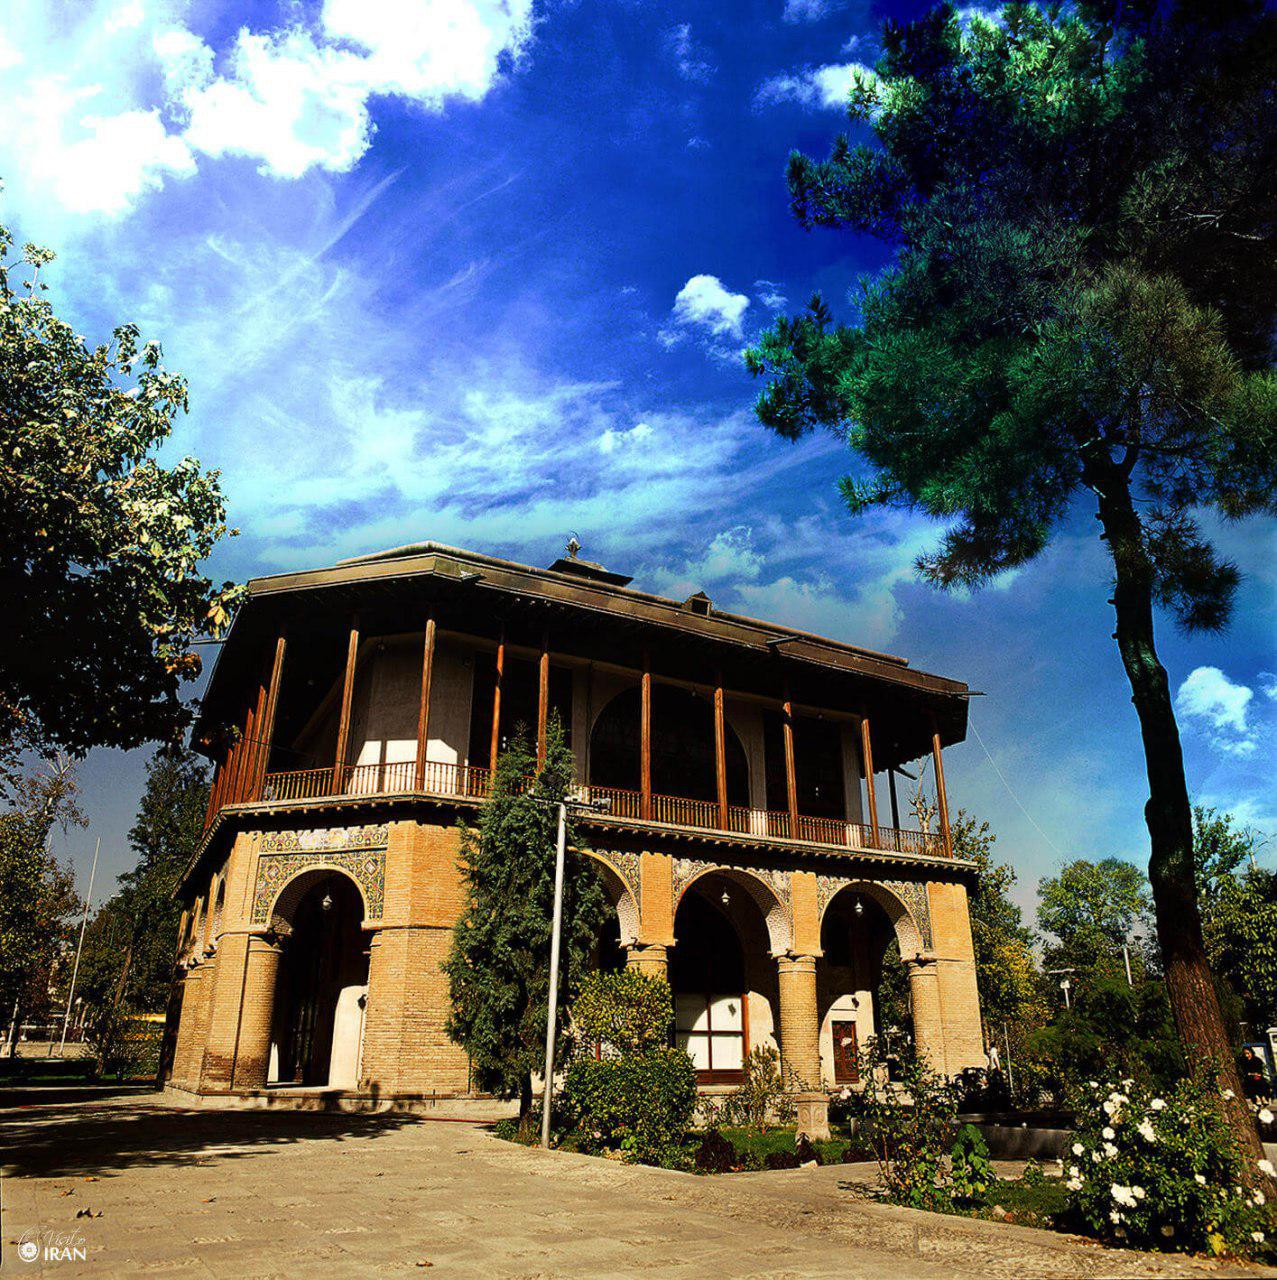 Kakh-e Chehel Sotun